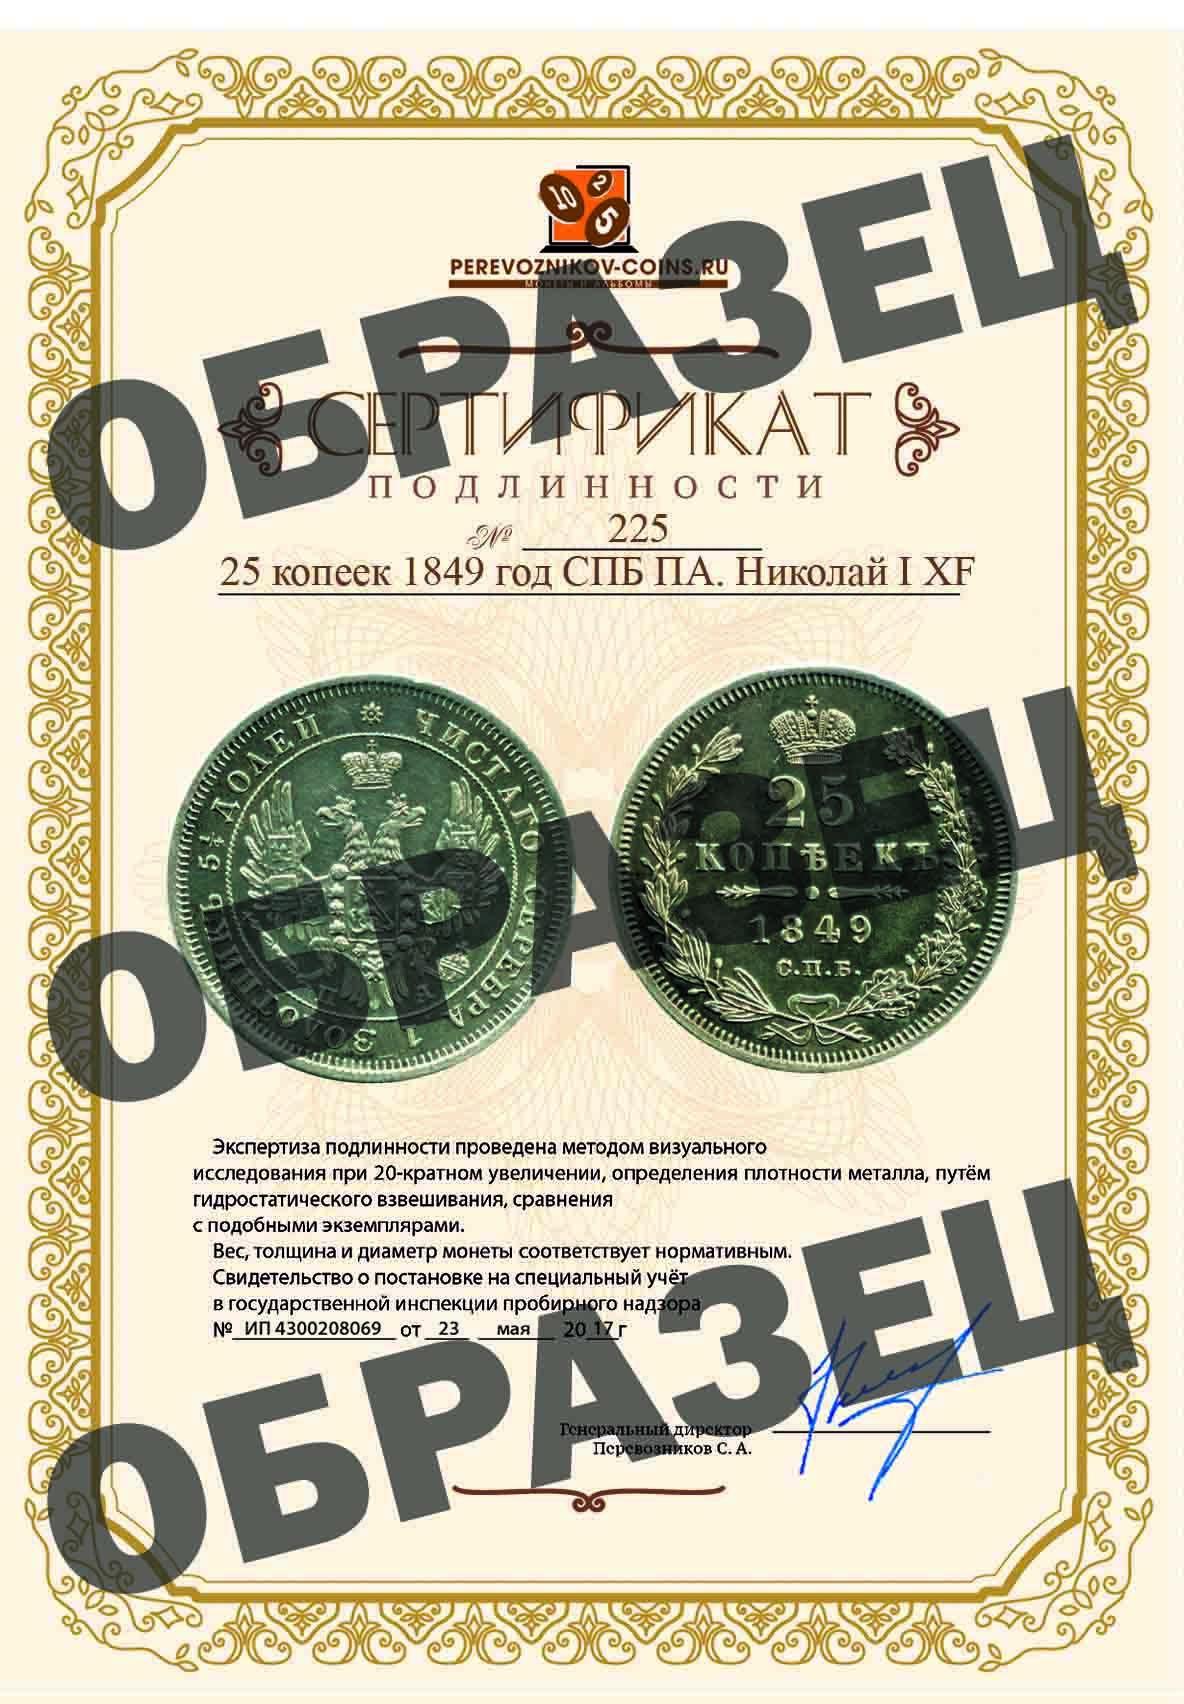 25 копеек 1849 год СПБ ПА. Николай I XF